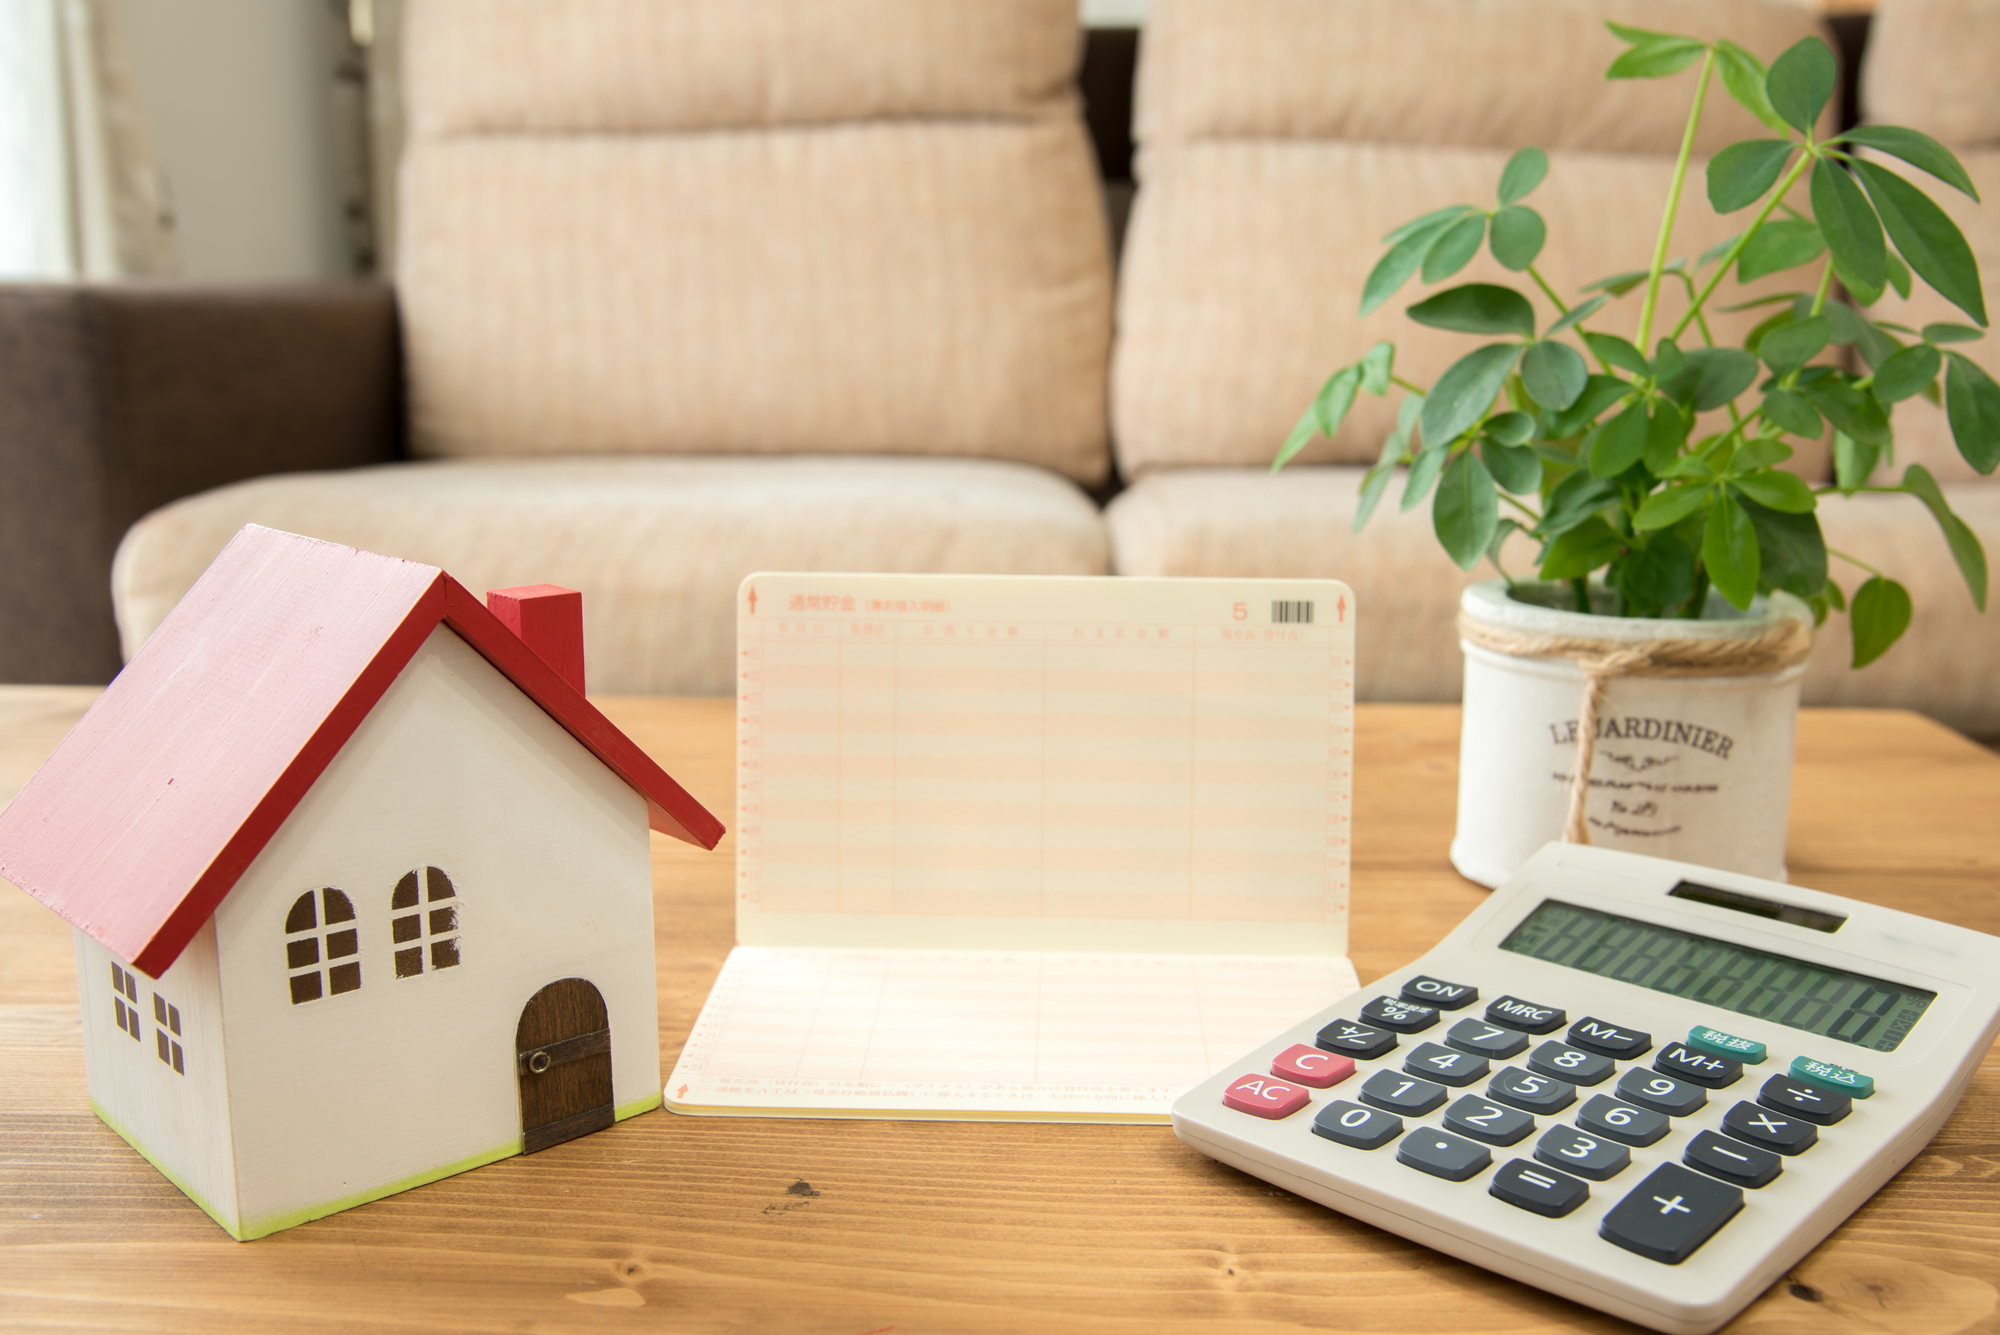 【専門家執筆】住宅ローン減税だけではない!すまい給付金制度を利用しよう!